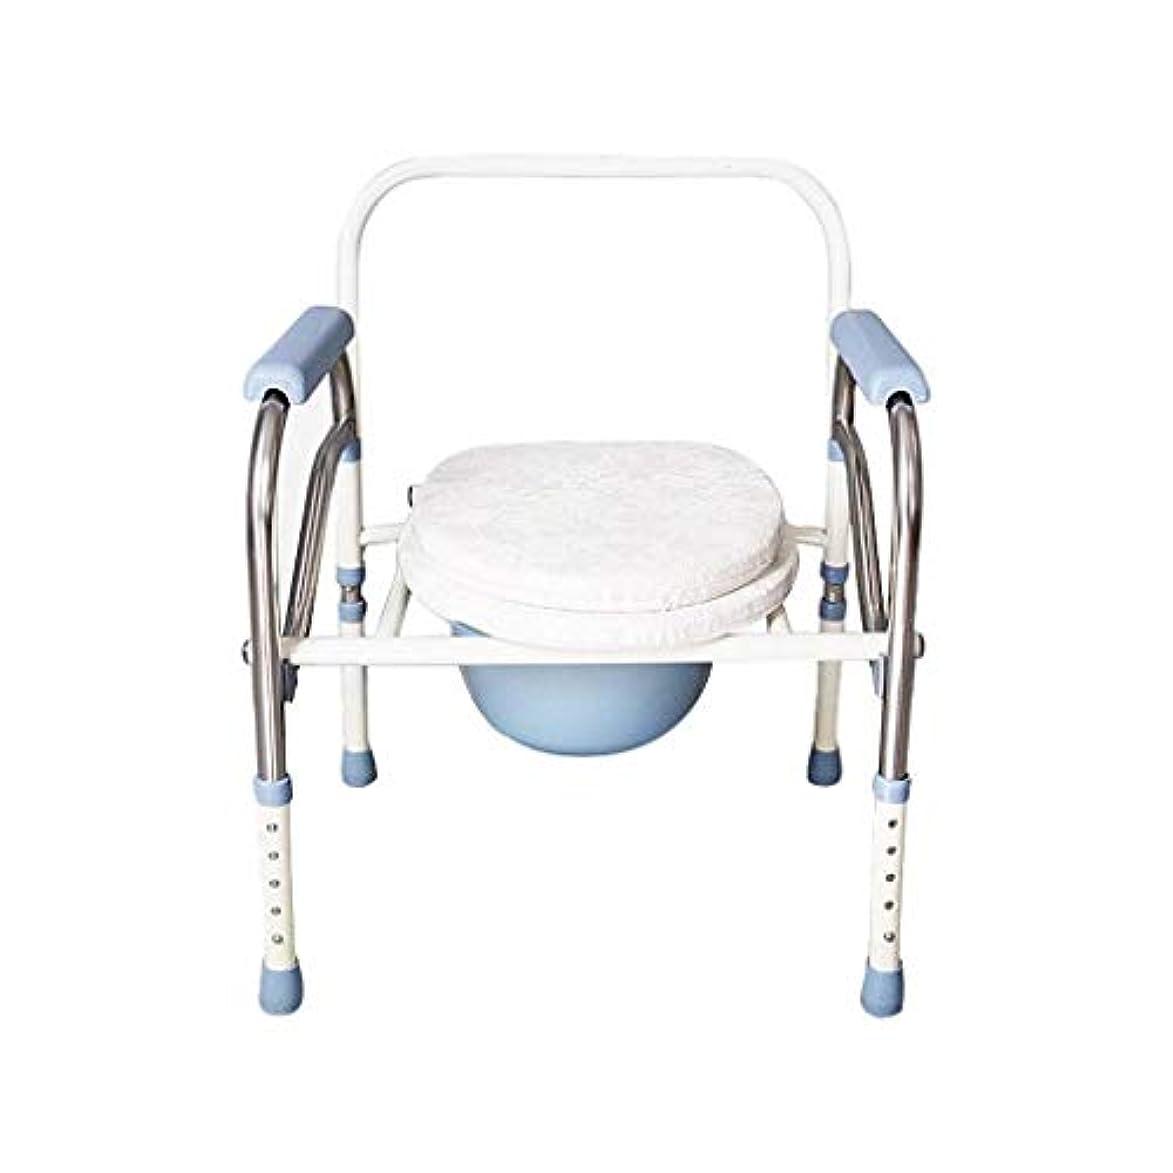 手当同級生酔った折りたたみバスルームシャワースツール便器椅子パッド付き便座トイレトイレバスルームスツール滑り止め調節可能な高さ高齢者妊娠中の女性障害者